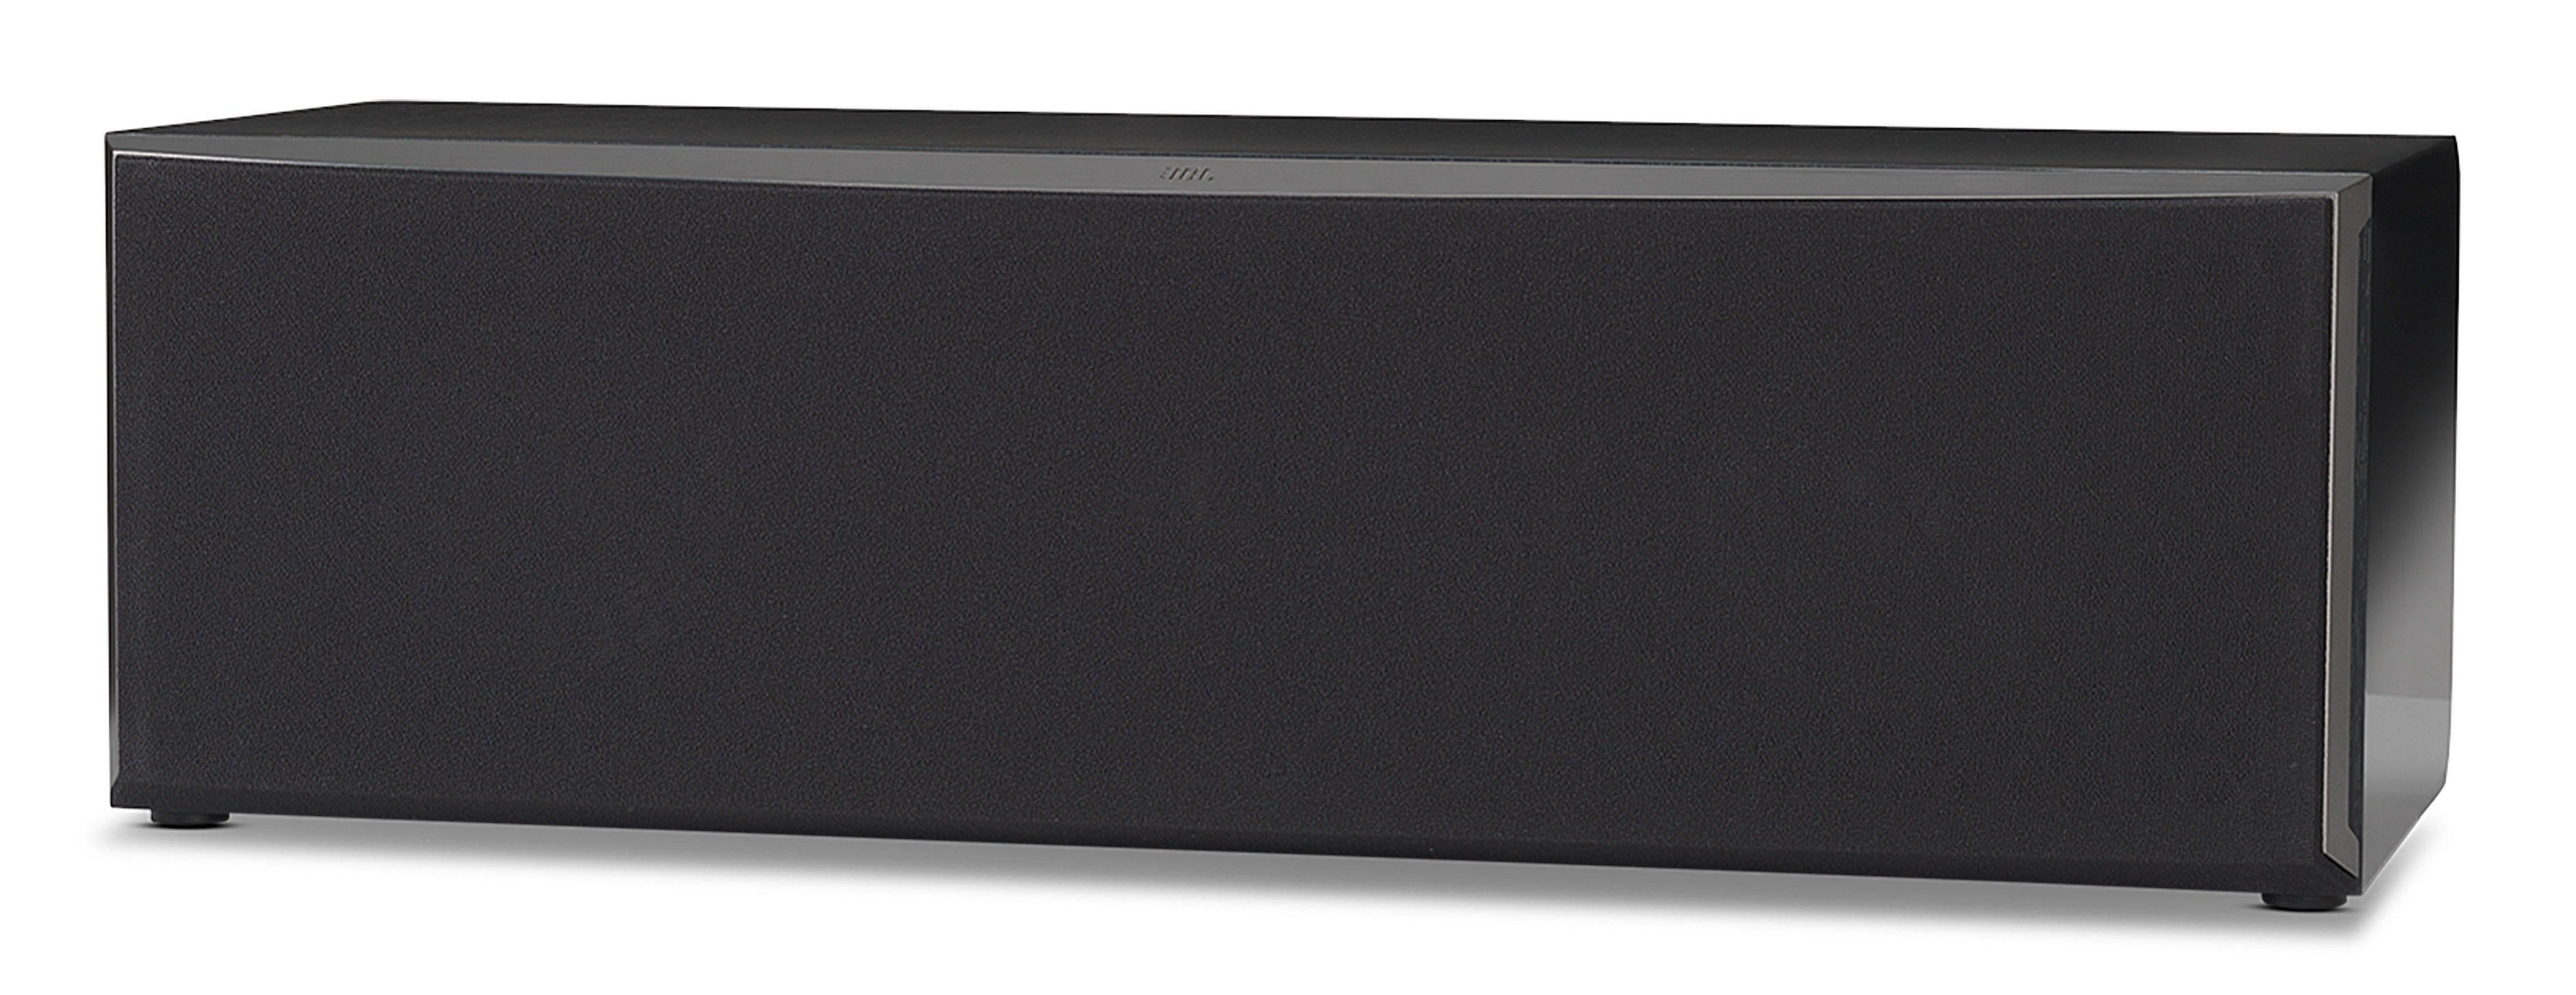 JBL 2-Wege Center-Lautsprecher »Studio 235 C«